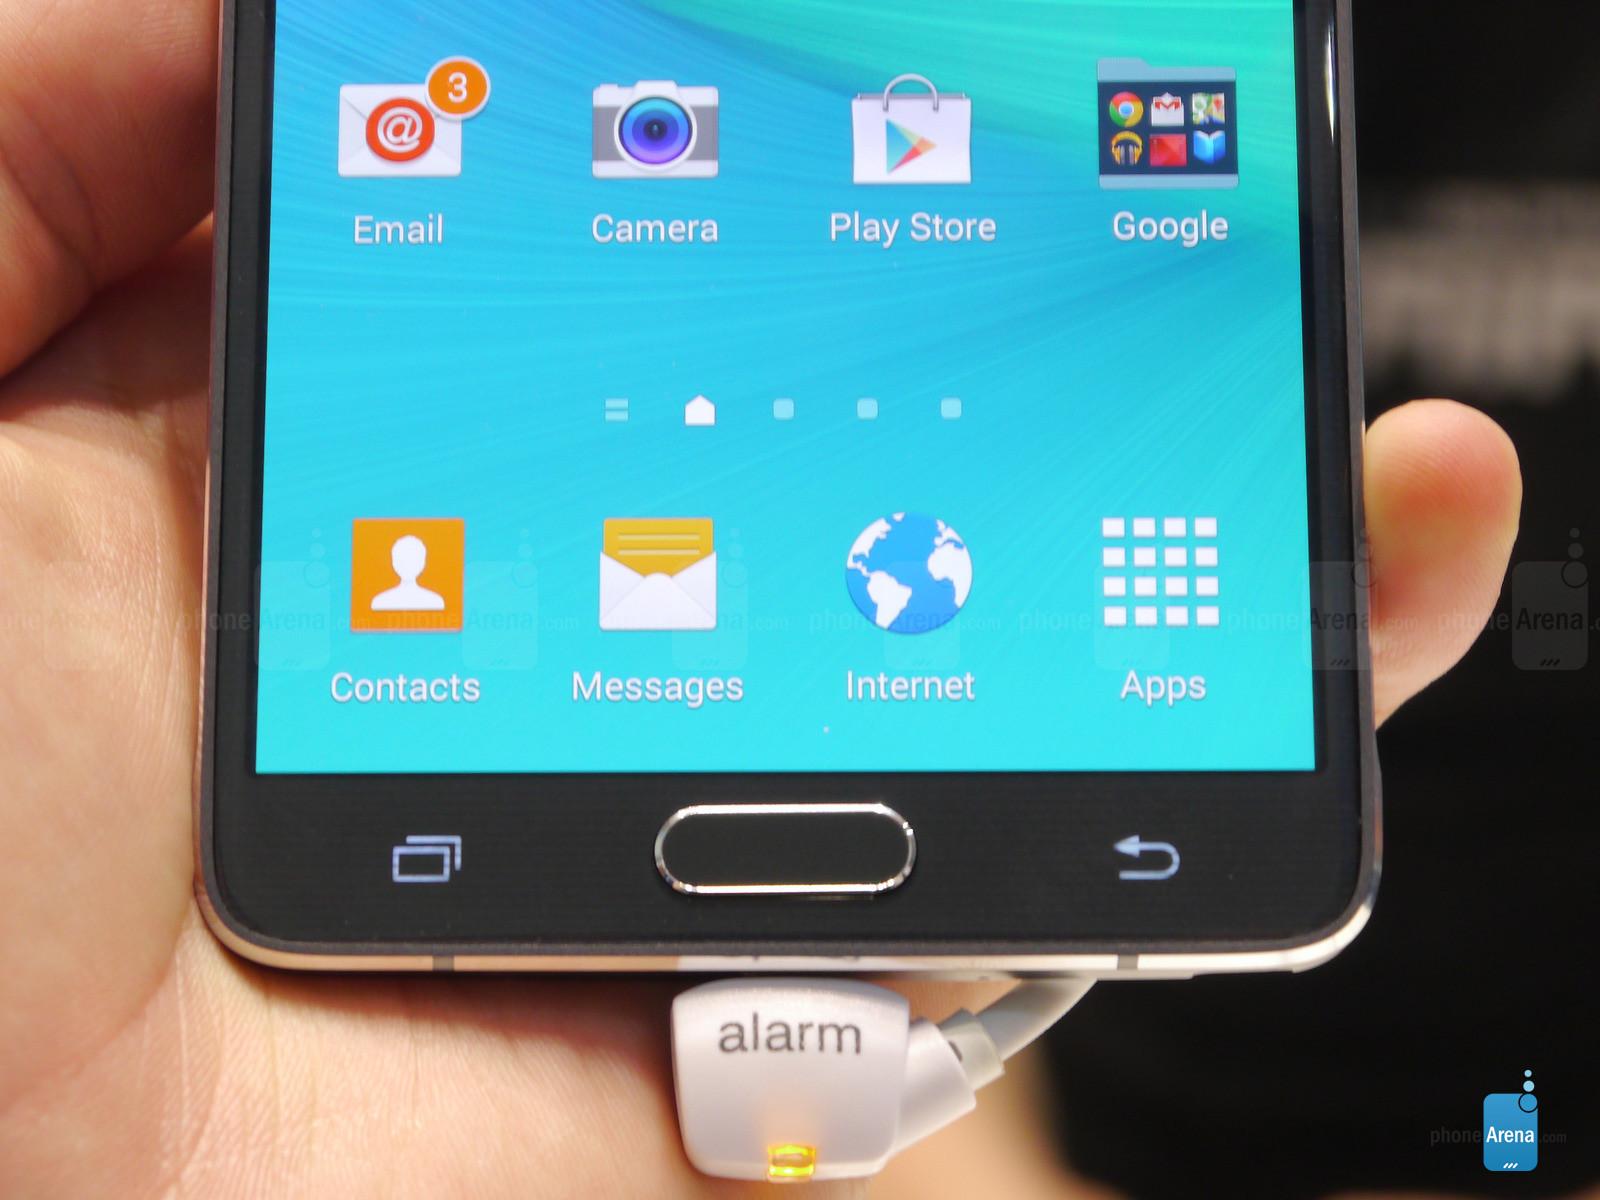 1410188080_fingerprint-scanner-in-the-home-button.jpg